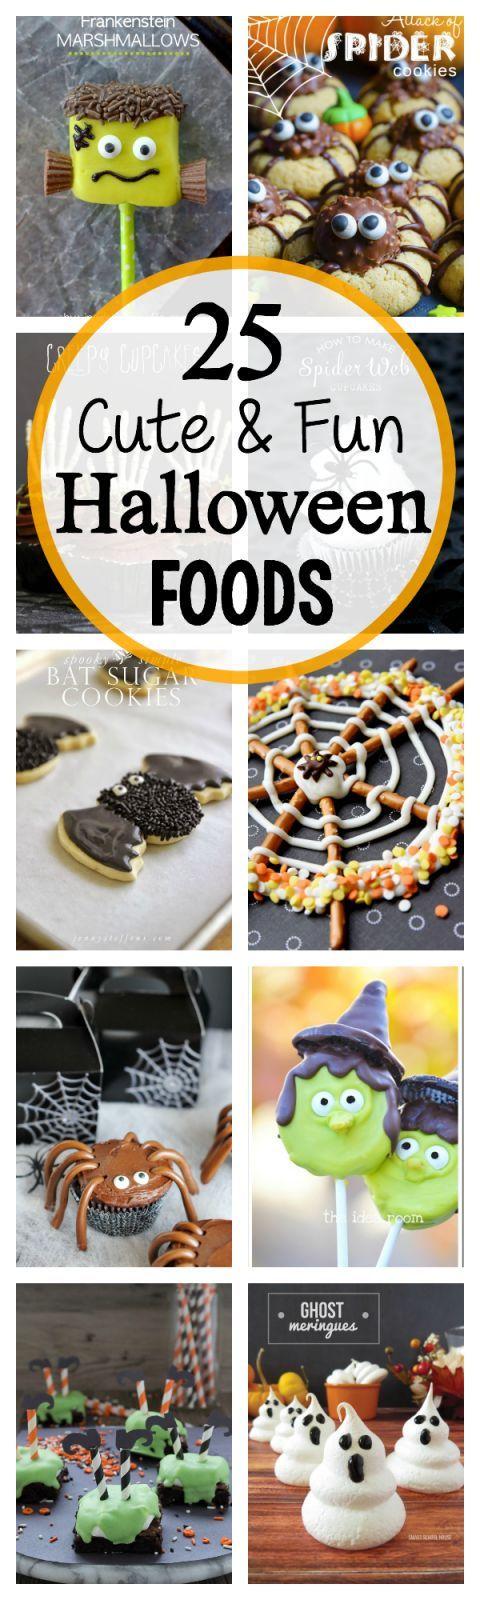 25 Fun Halloween Food Ideas Halloween foods, Food ideas and Food - fun halloween food ideas